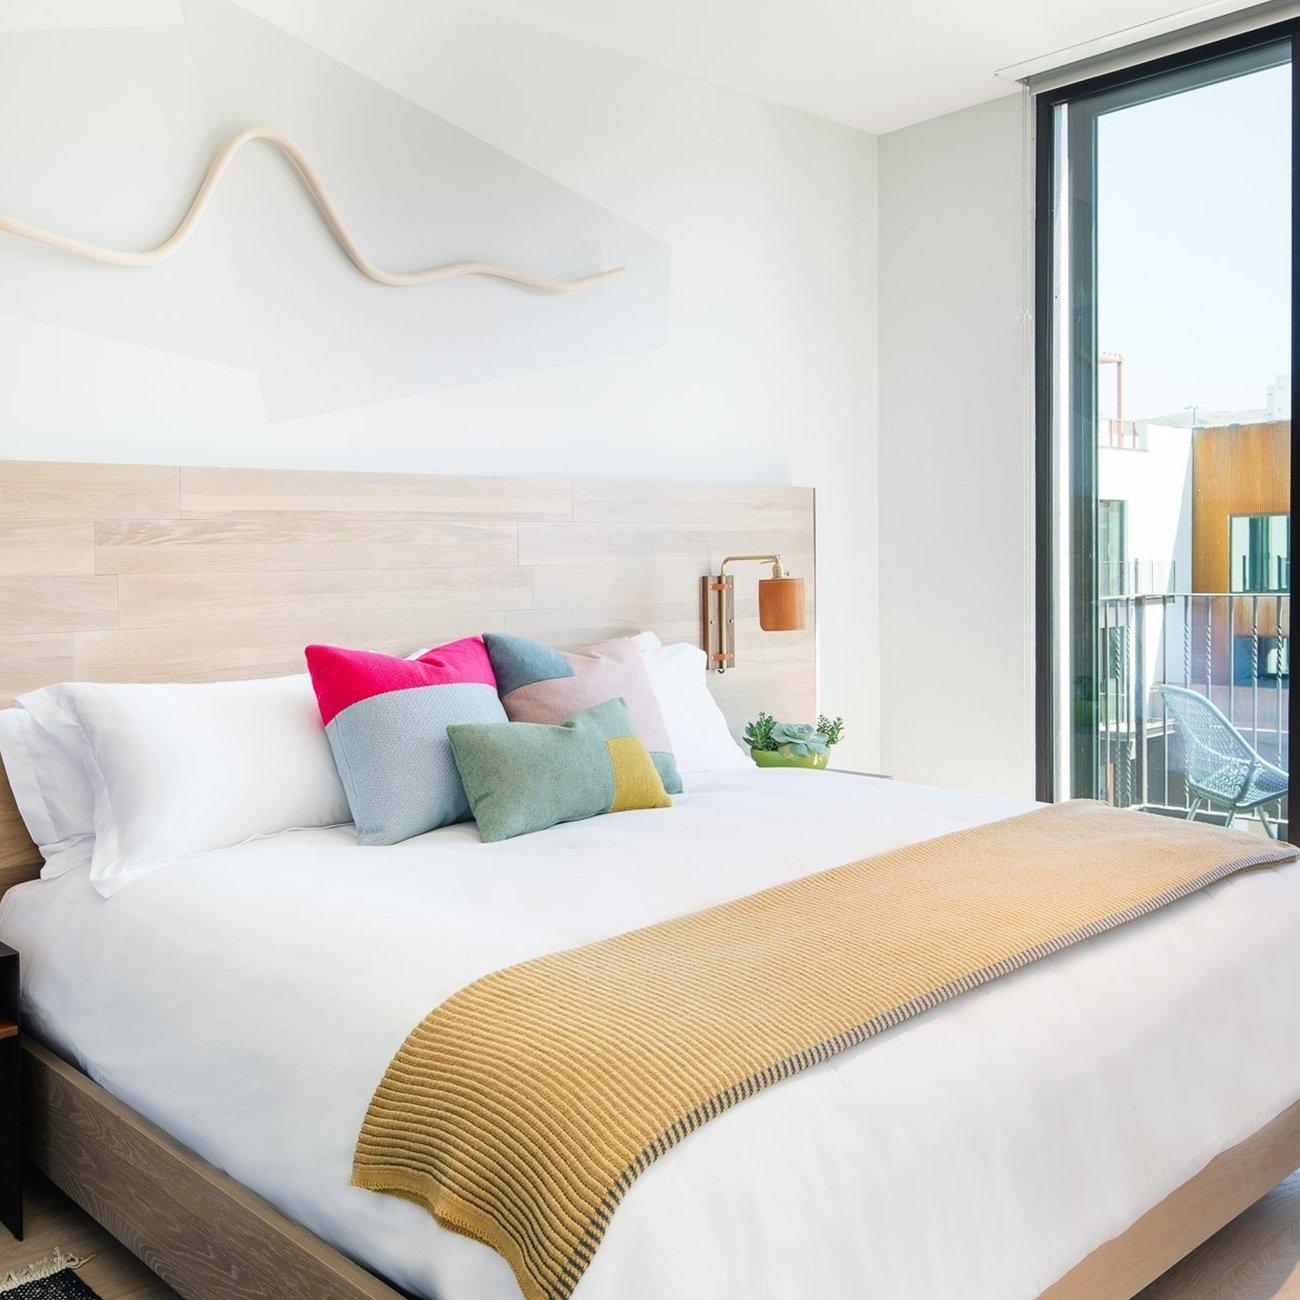 Hotel SLO- Best Western, San Luis Obispo, CA